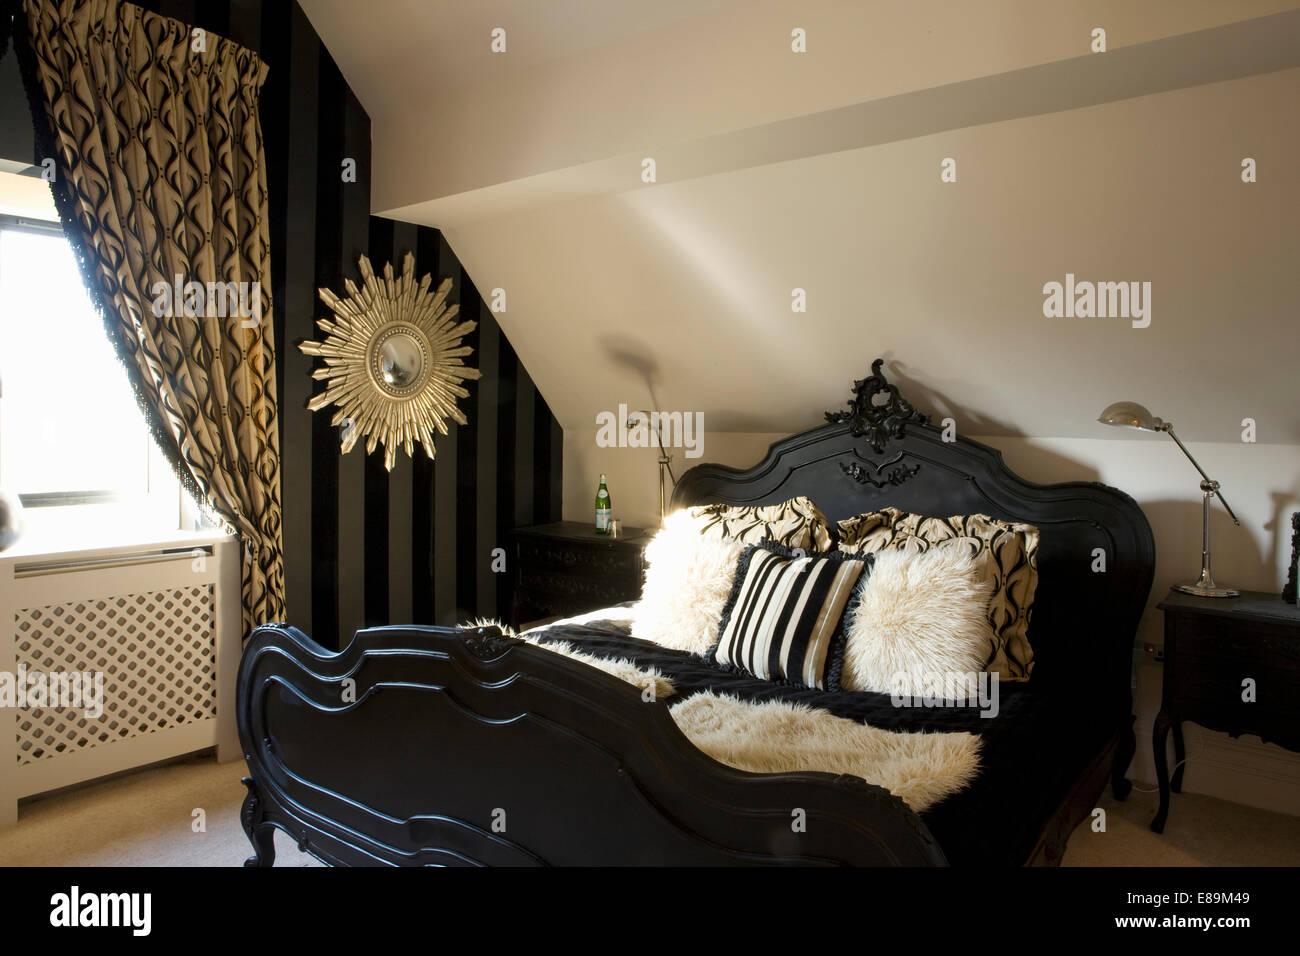 zeitgen ssischen stil schwarz bett mit kunstpelz kissen im loft conversion schlafzimmer mit. Black Bedroom Furniture Sets. Home Design Ideas